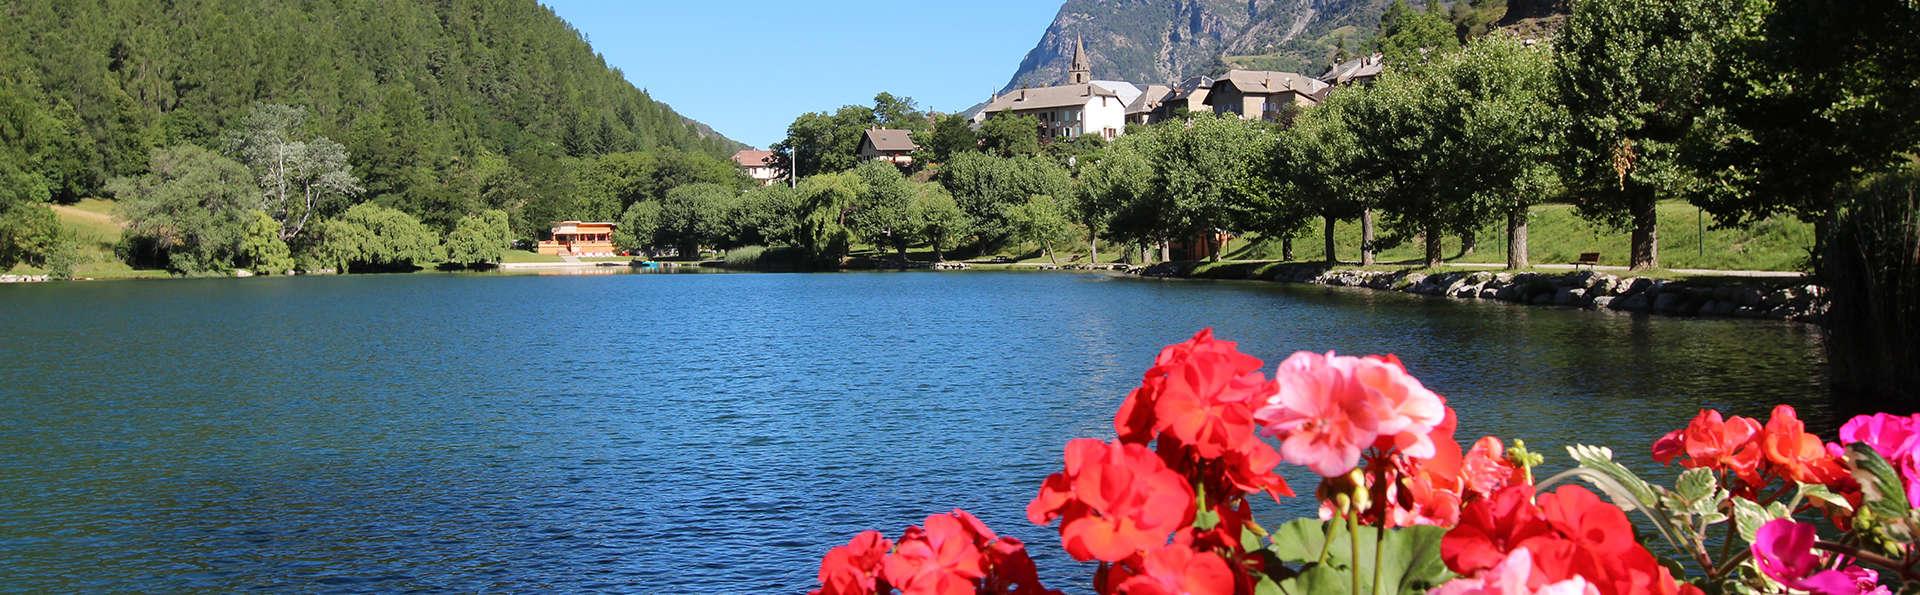 Week-end en famille dans les Alpes-de-Haute-Provence